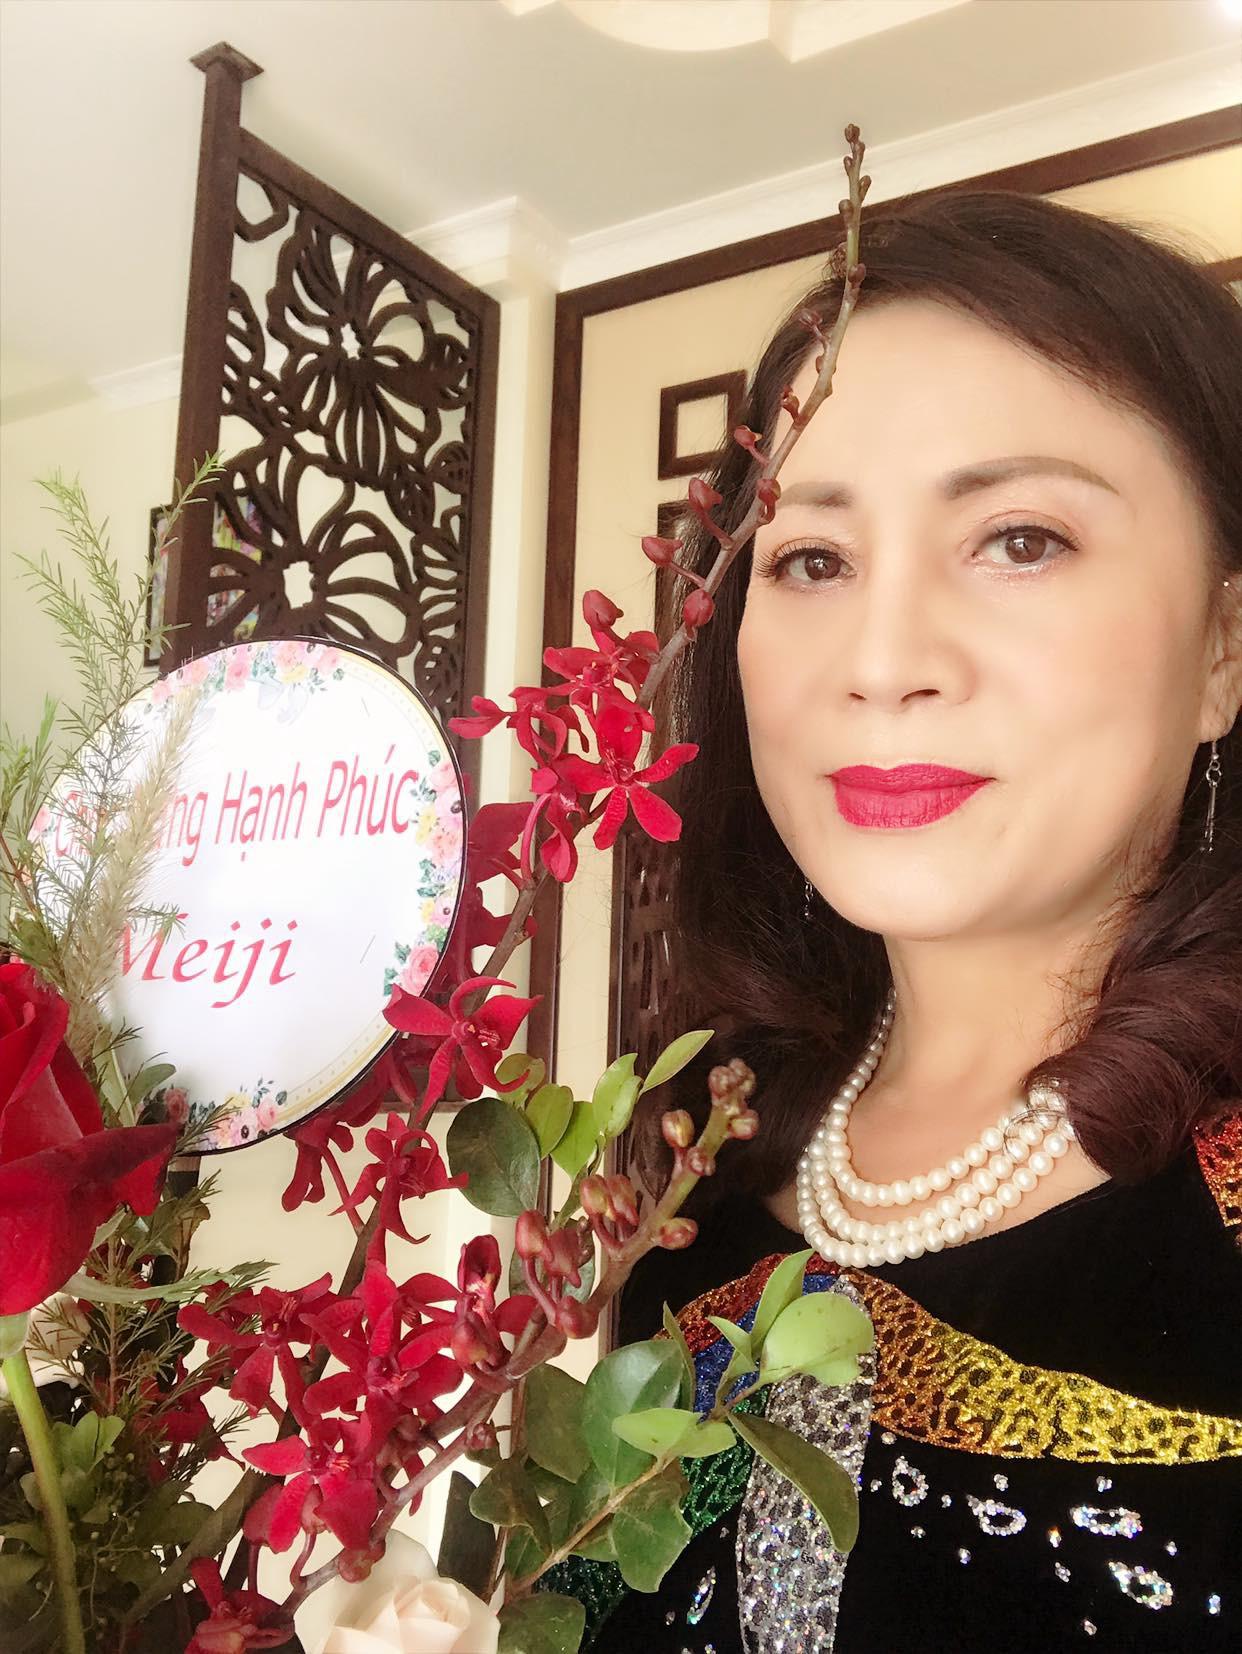 Con trai cơ phó vừa hủy hôn, con gái nghệ sĩ Hương Dung bất ngờ lên xe hoa, nhìn nhan sắc cô dâu ai cũng ngỡ ngàng-6